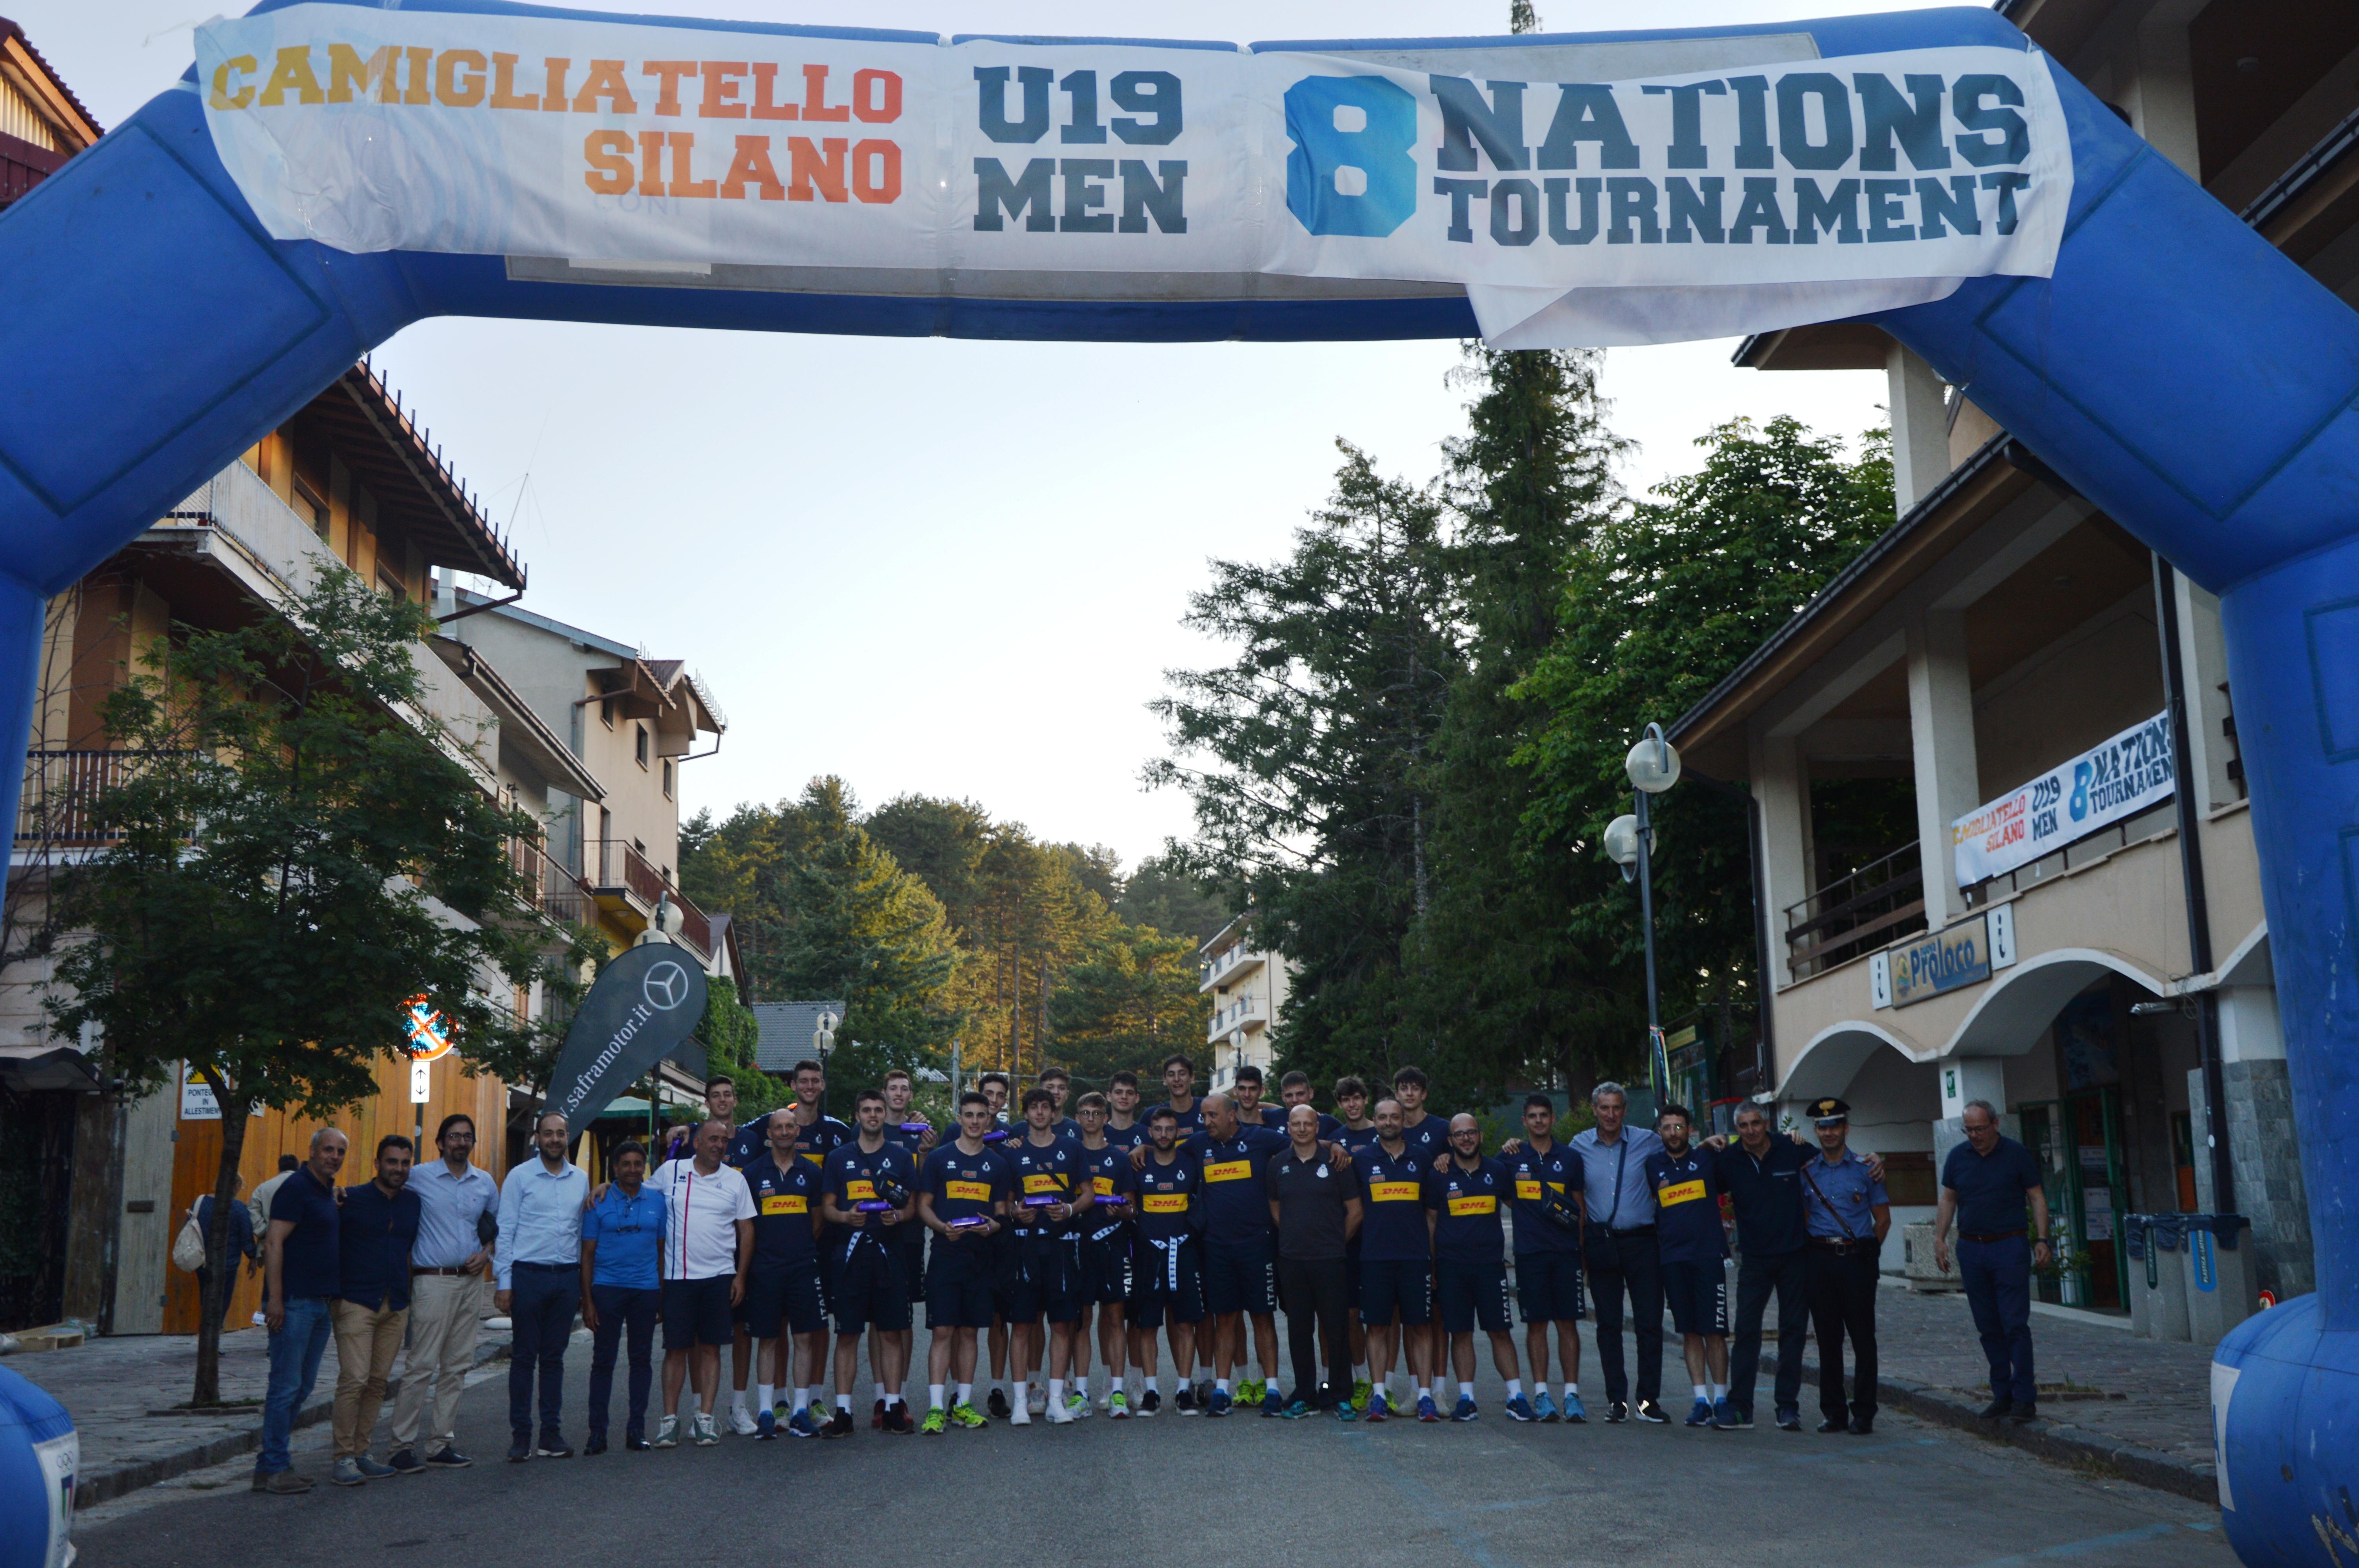 FOTO DI GRUPPO A CAMIGLIATELLO SILANO CON L'ITALIA UNDER 19